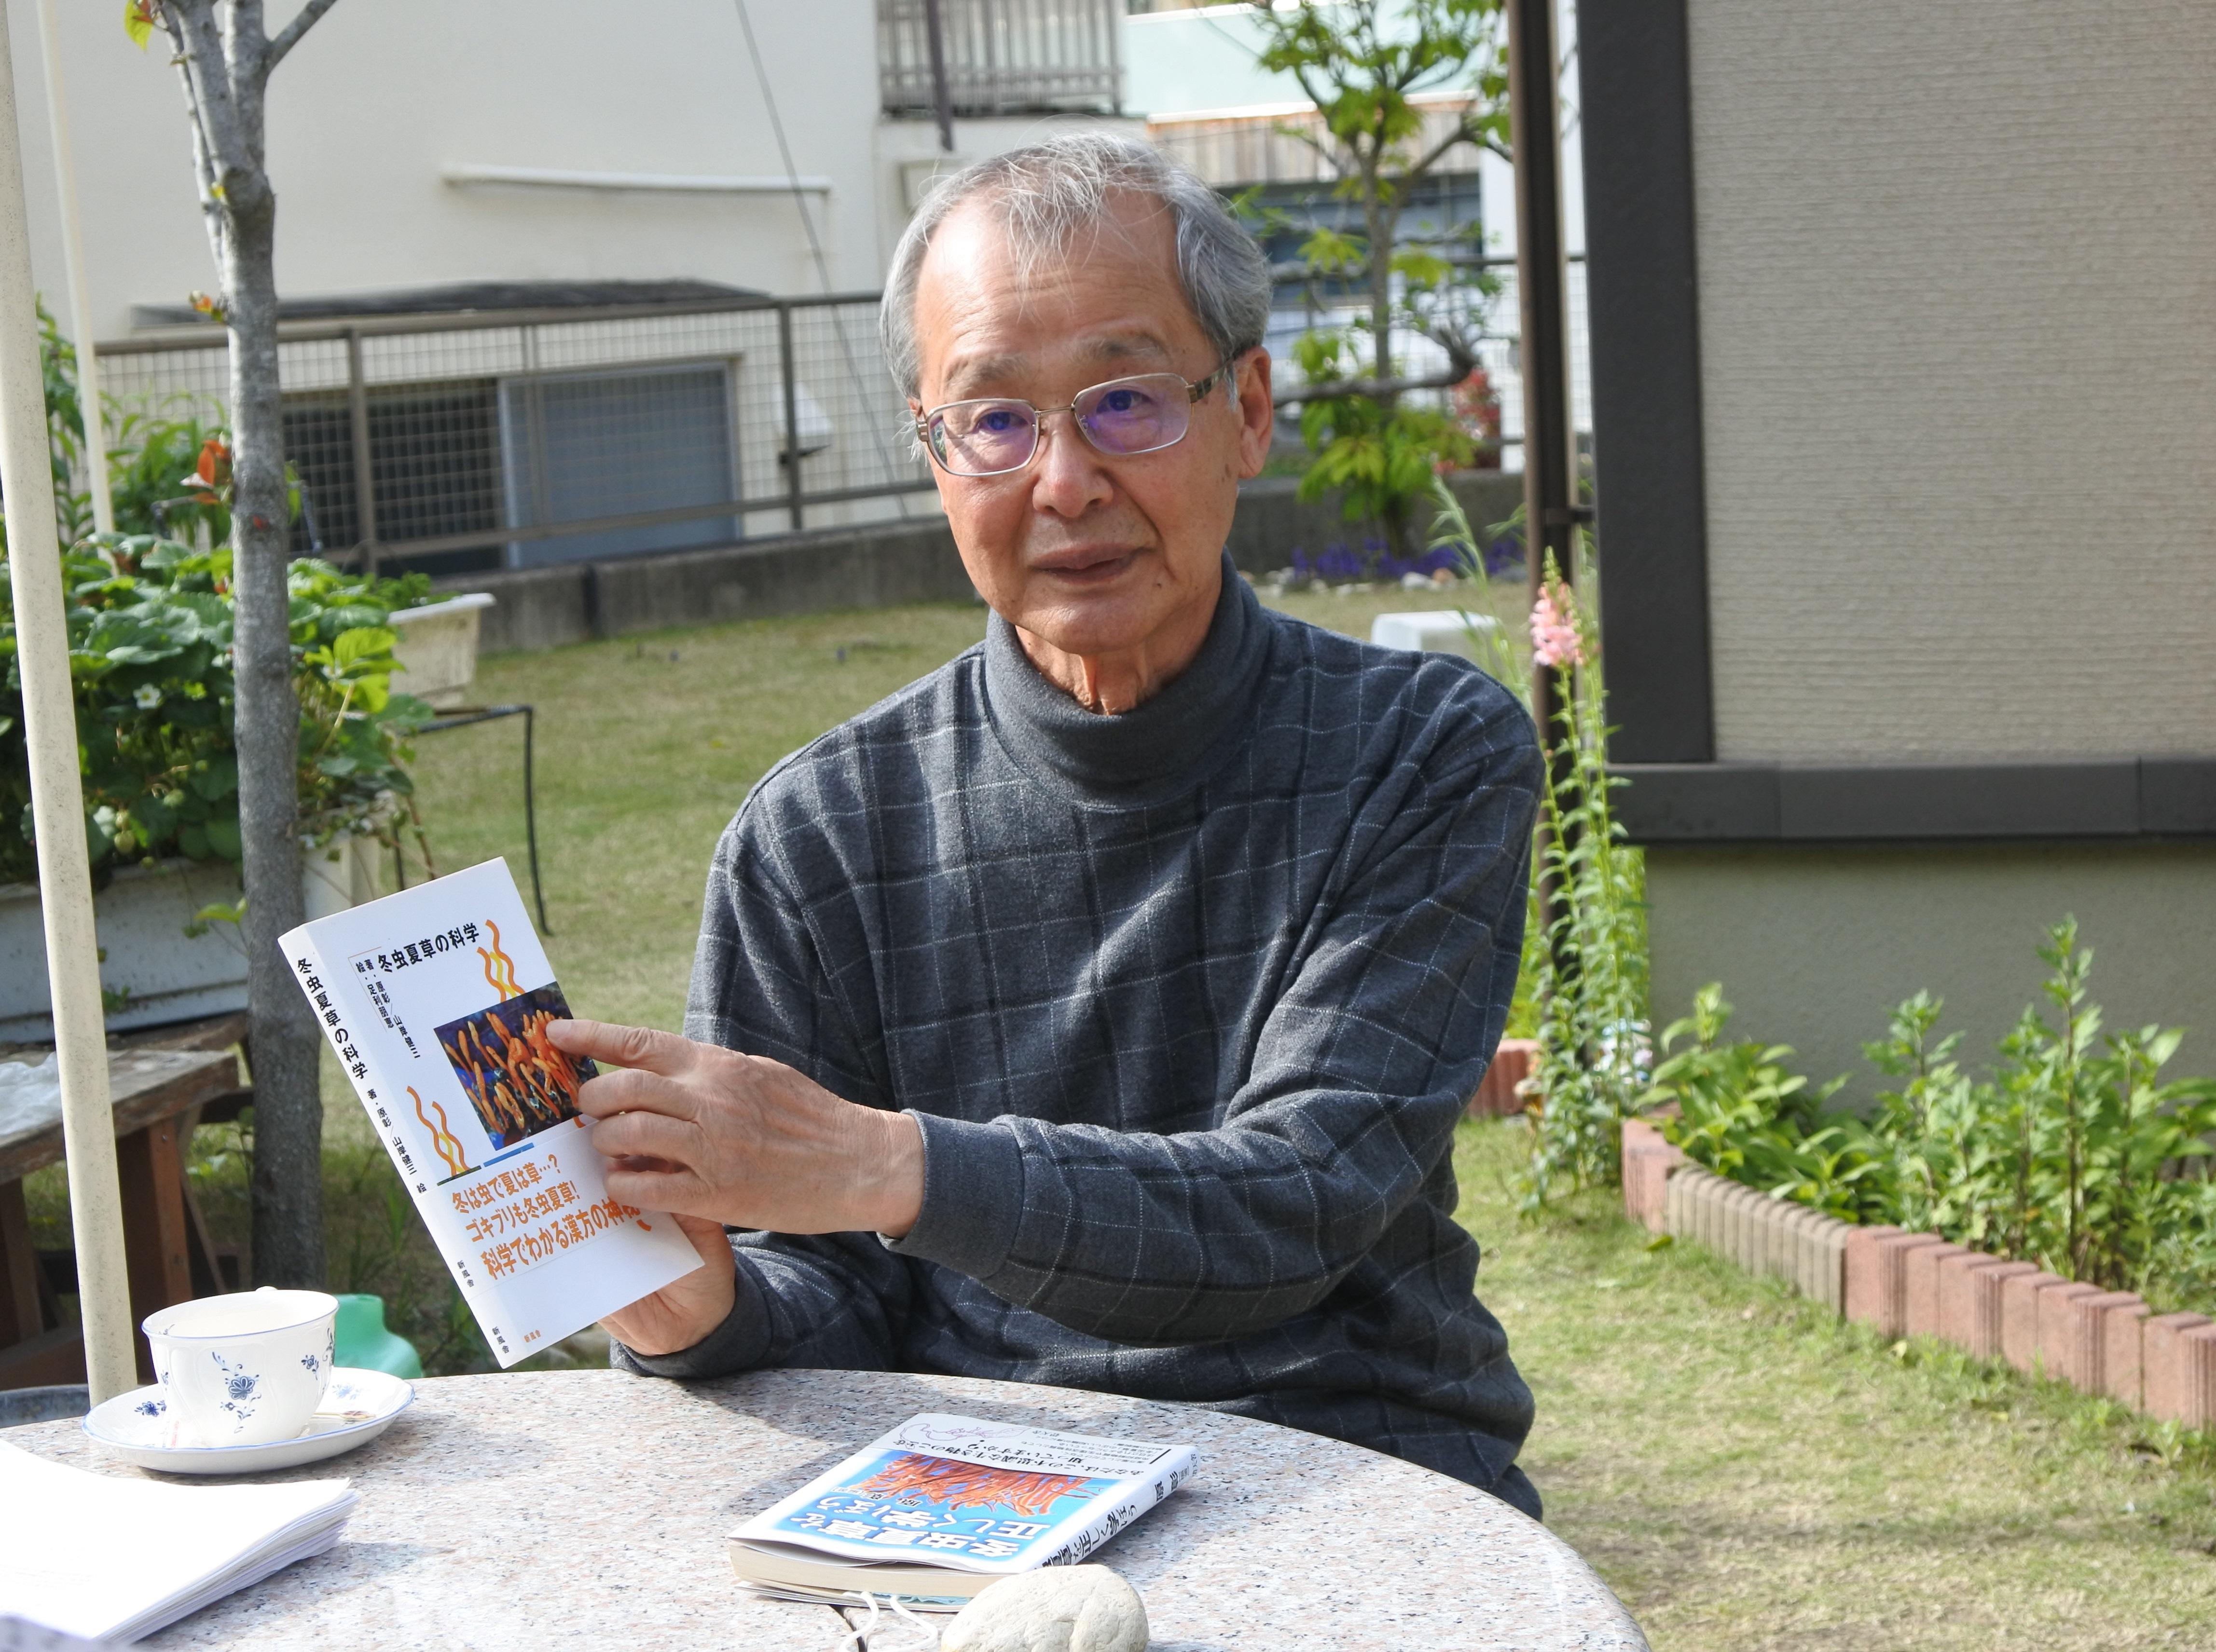 冬虫夏草に関する著書を手にする原彰名誉教授